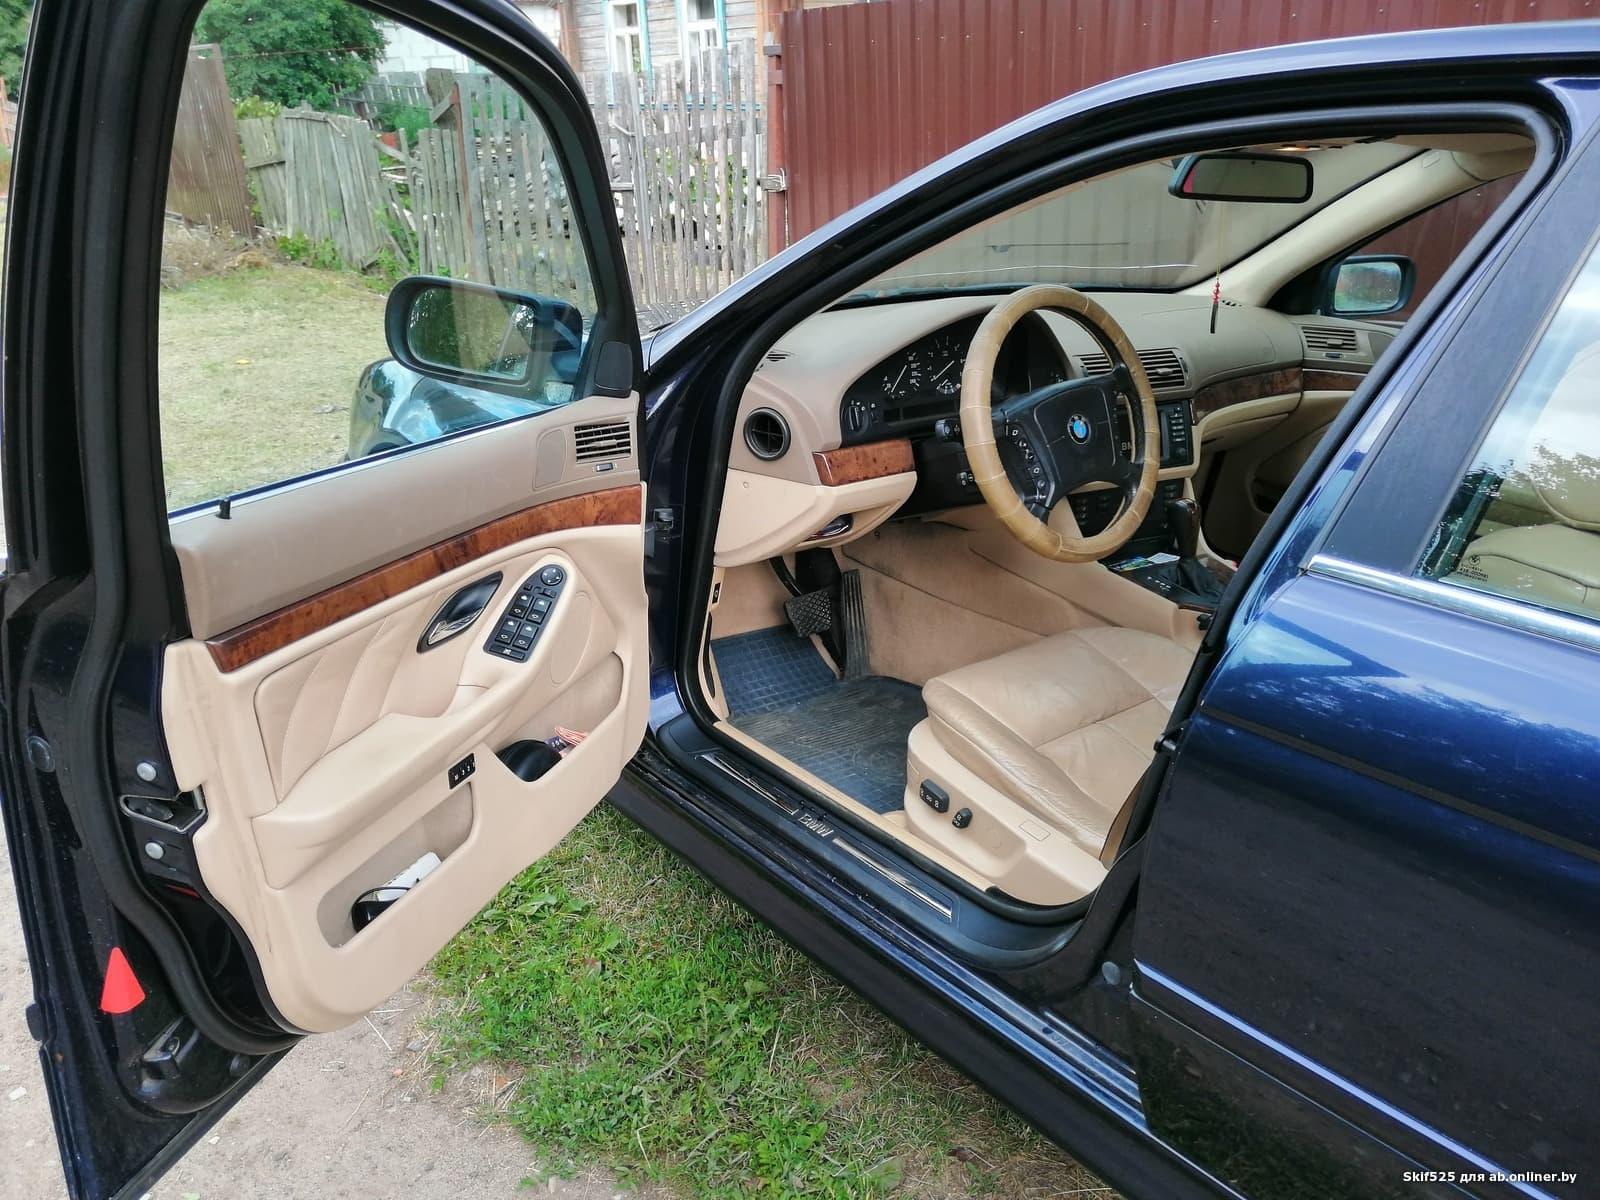 BMW 530 iA